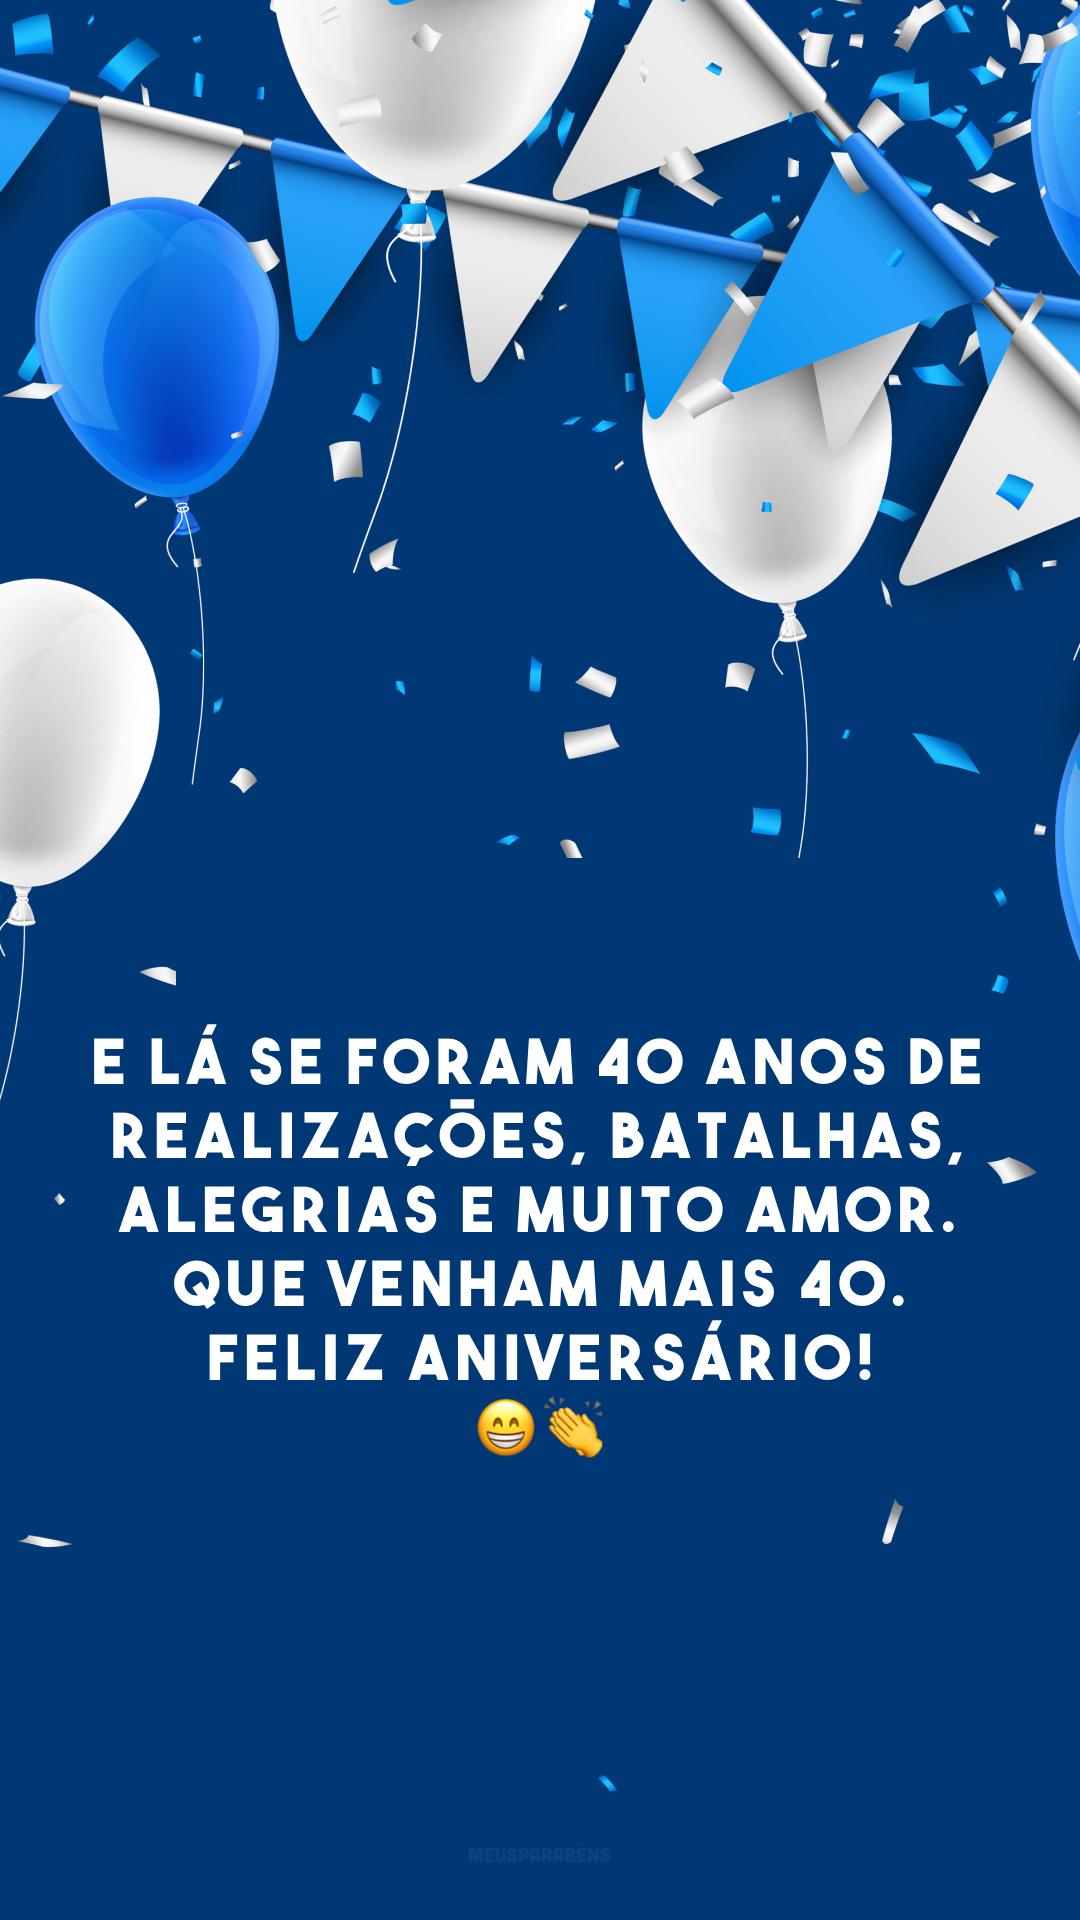 E lá se foram 40 anos de realizações, batalhas, alegrias e muito amor. Que venham mais 40. Feliz aniversário! 😁👏